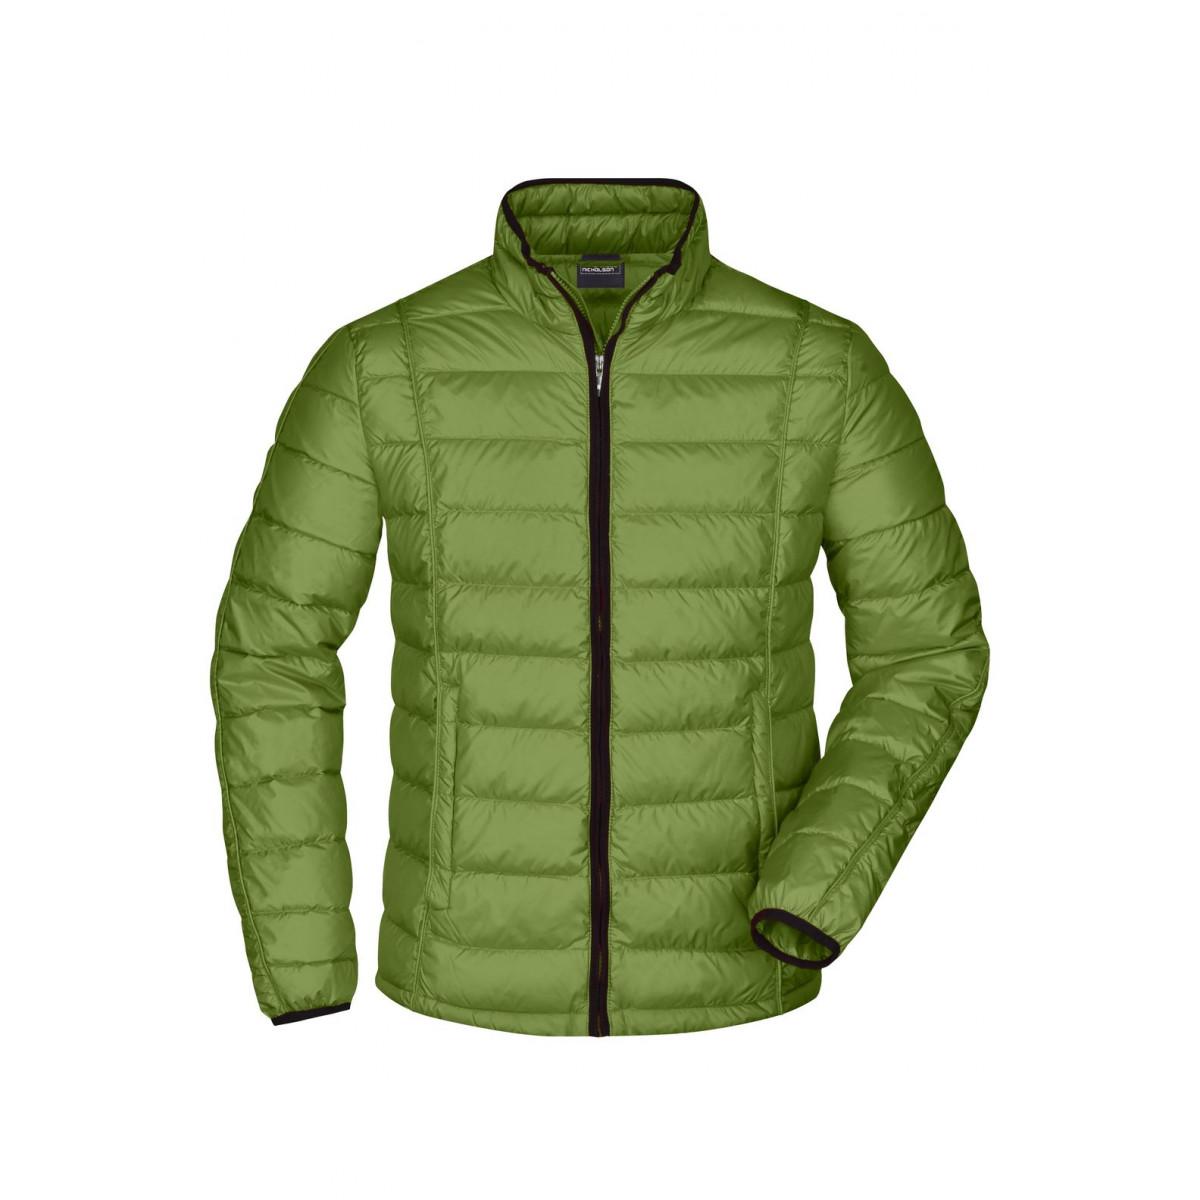 Куртка мужская JN1082 Mens Quilted Down Jacket - Насыщенный зеленый/Черный